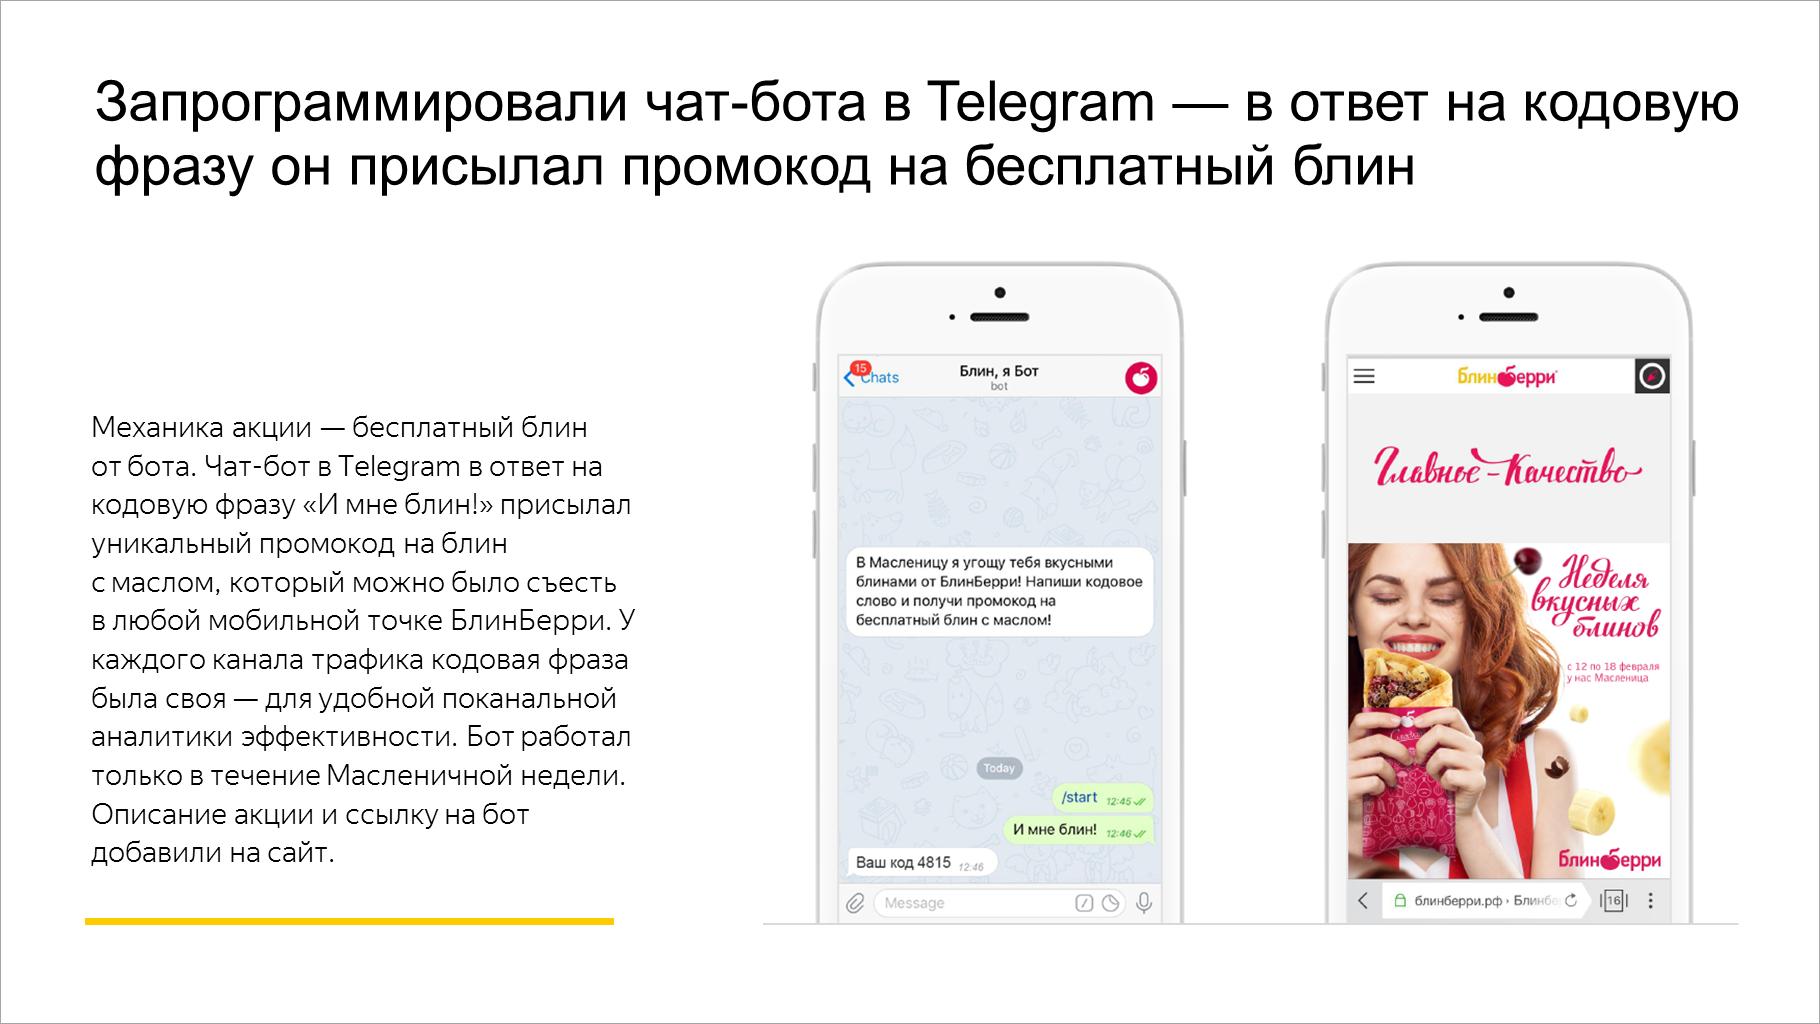 Запрограммировали чат-бота в Telegram — в ответ на кодовую фразу он присылал промокод на бесплатный блин